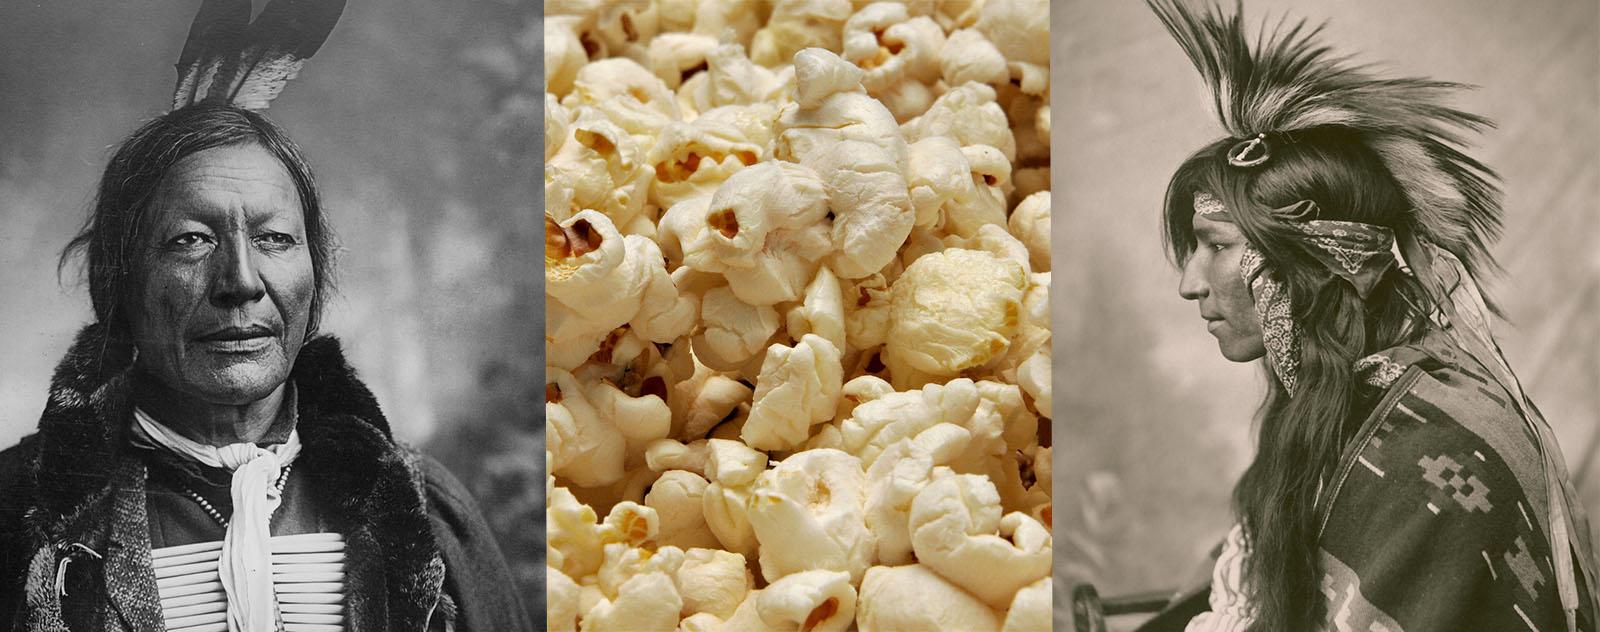 Histoire du Popcorn